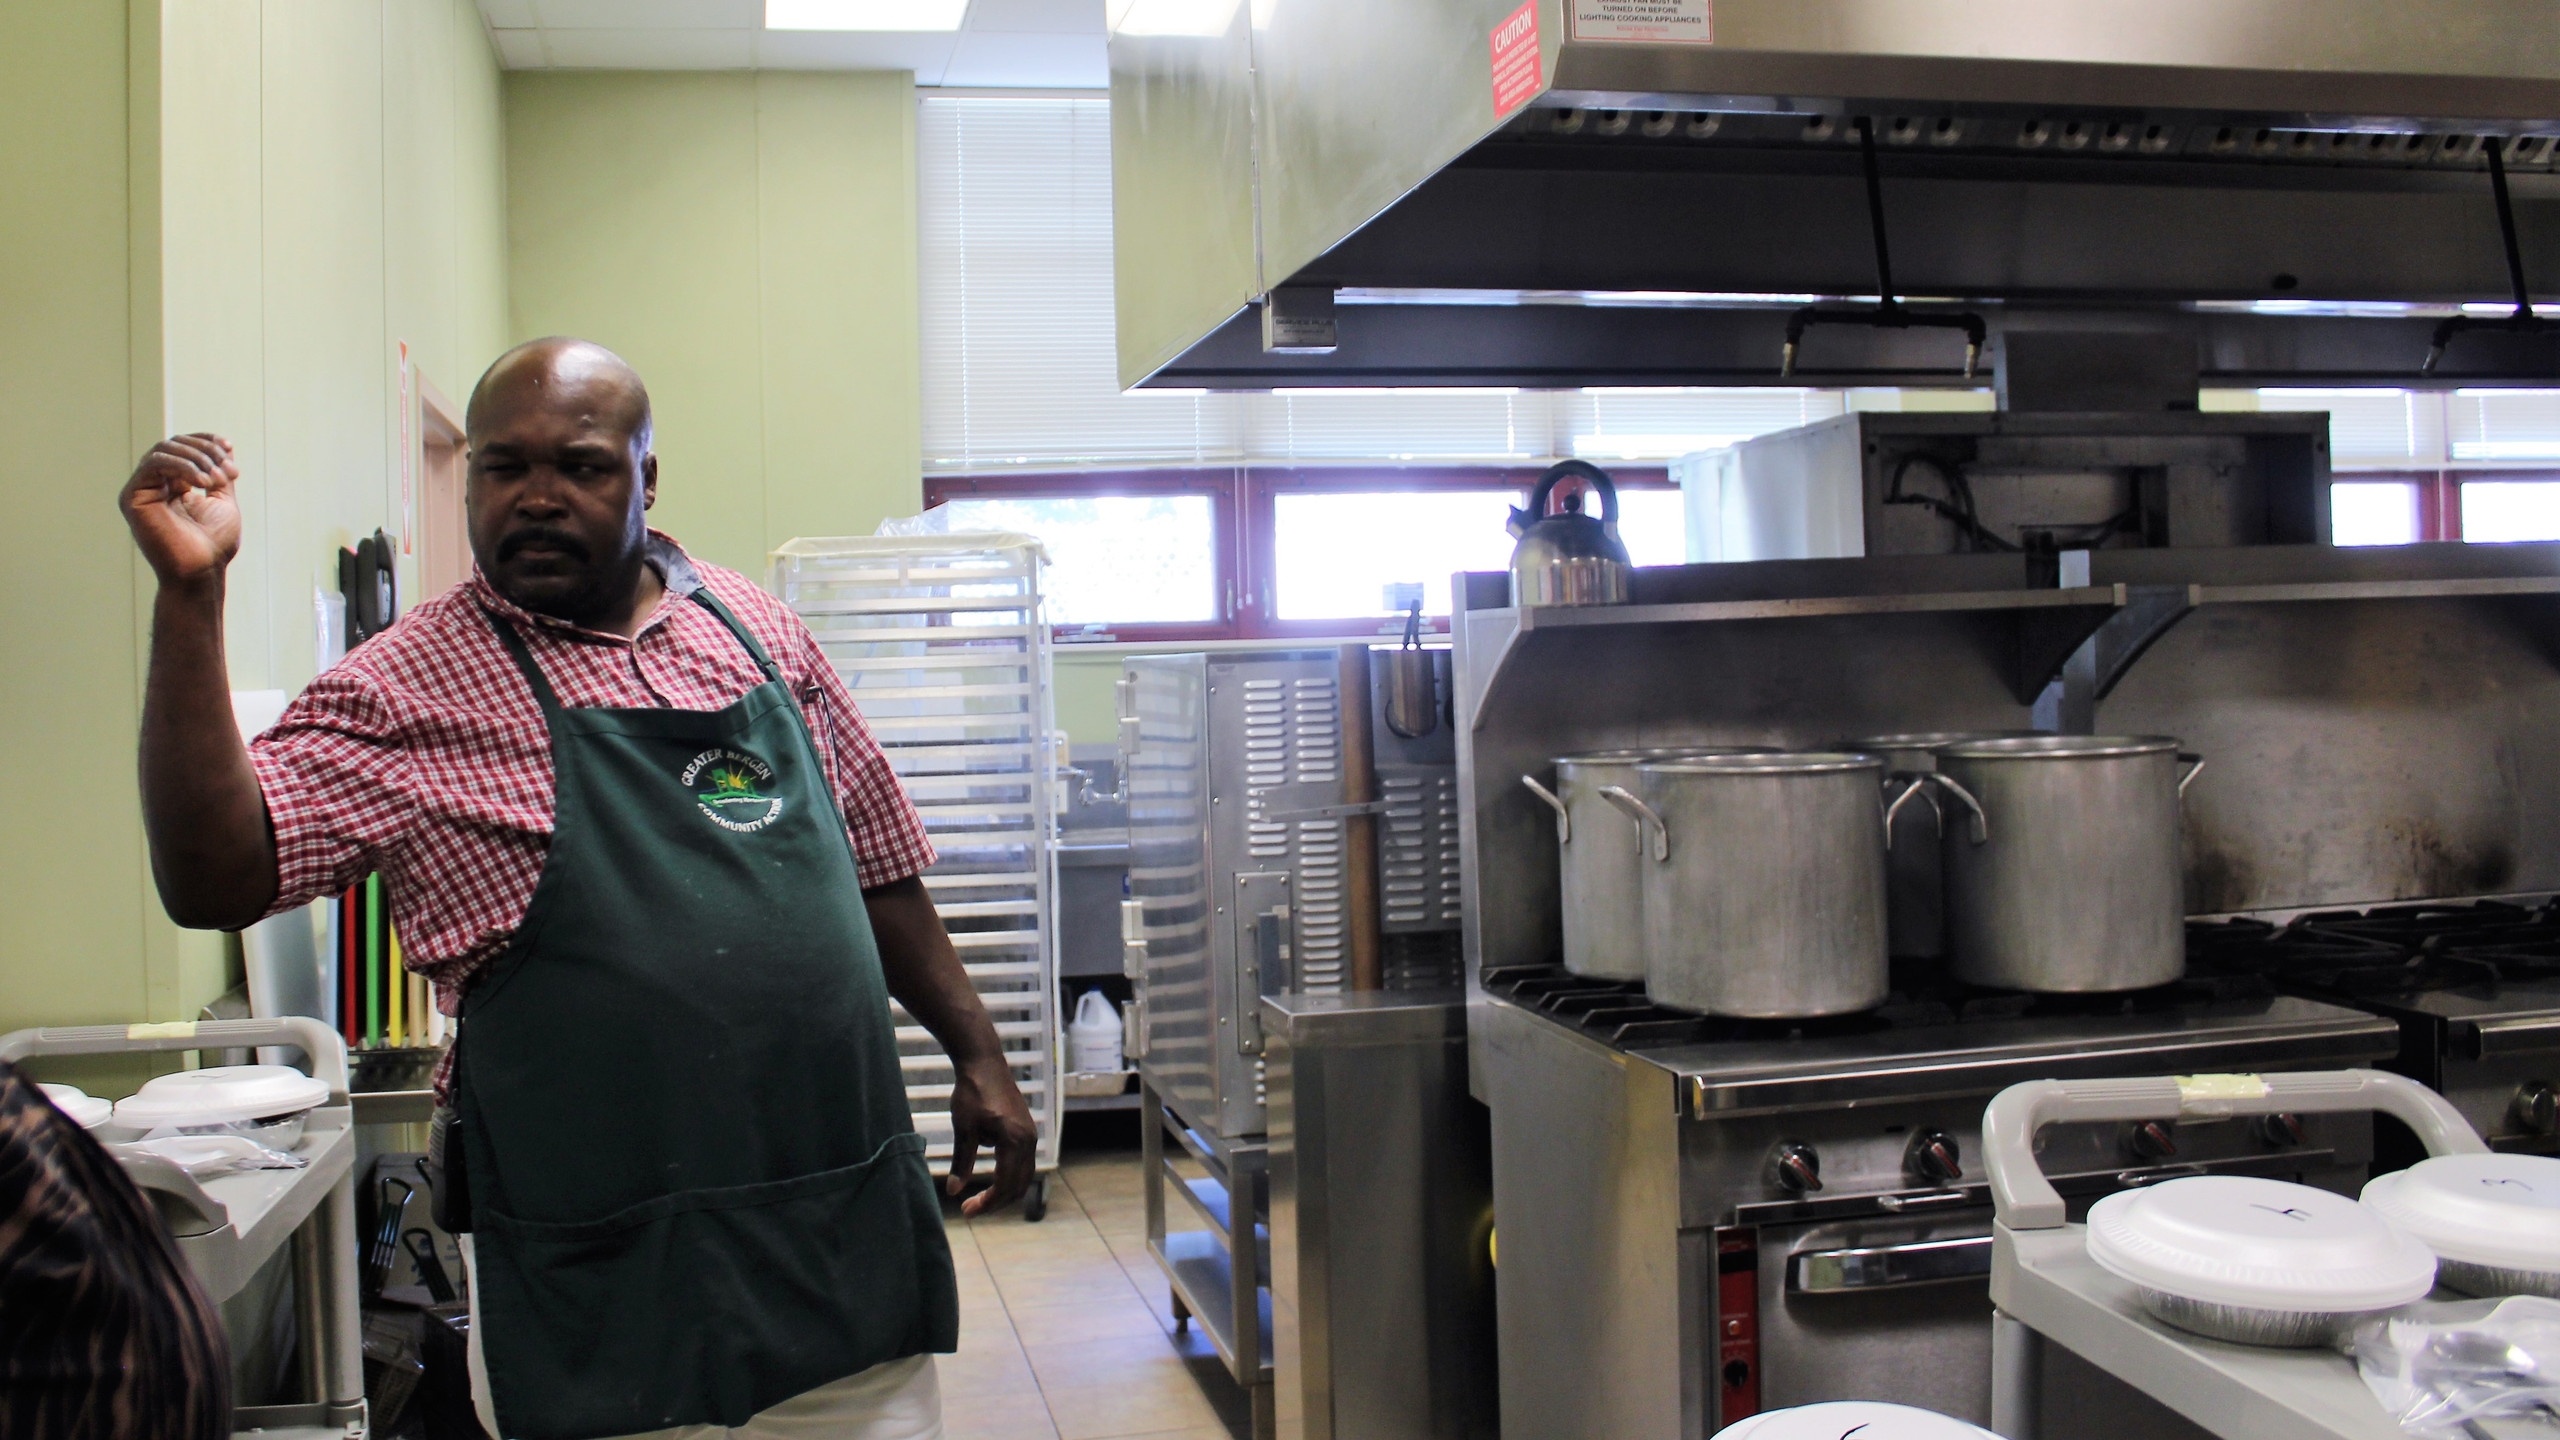 Troy Greer prepares the kids meals